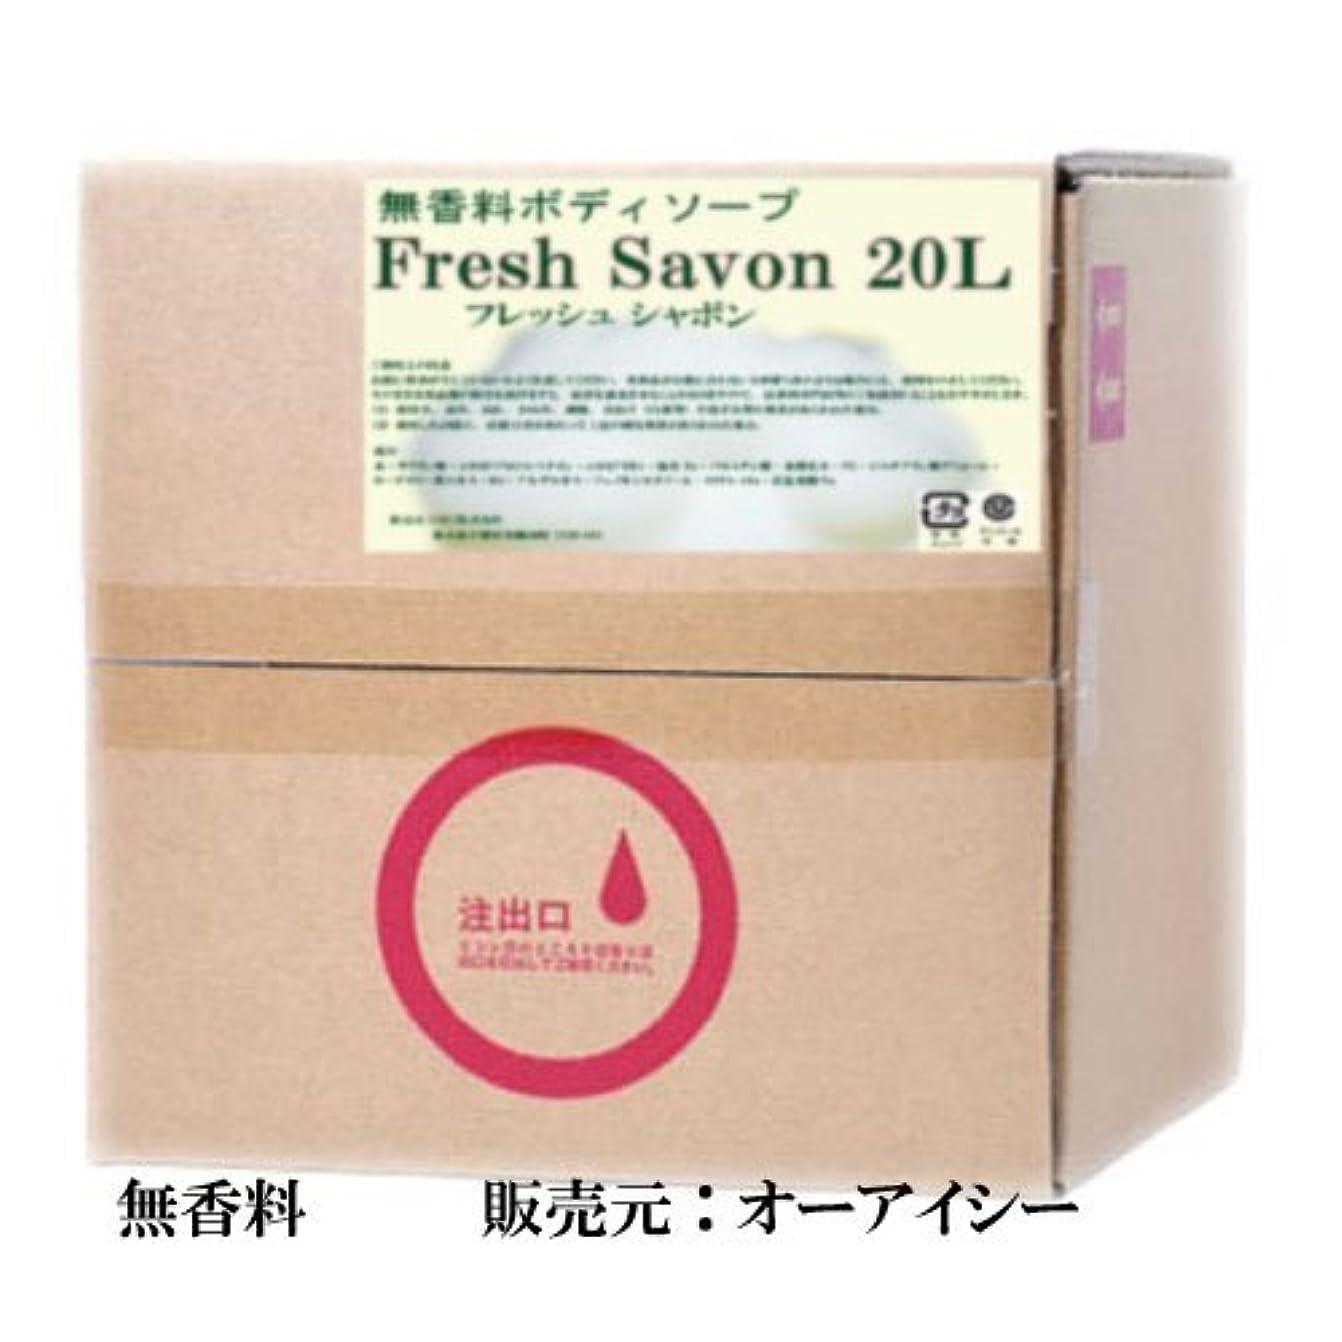 肝ローズ心配業務用 無香料 ボディソープ フレッシュシャボン 20L (販売元:オーアイシー) (ホワイト(コック付属))